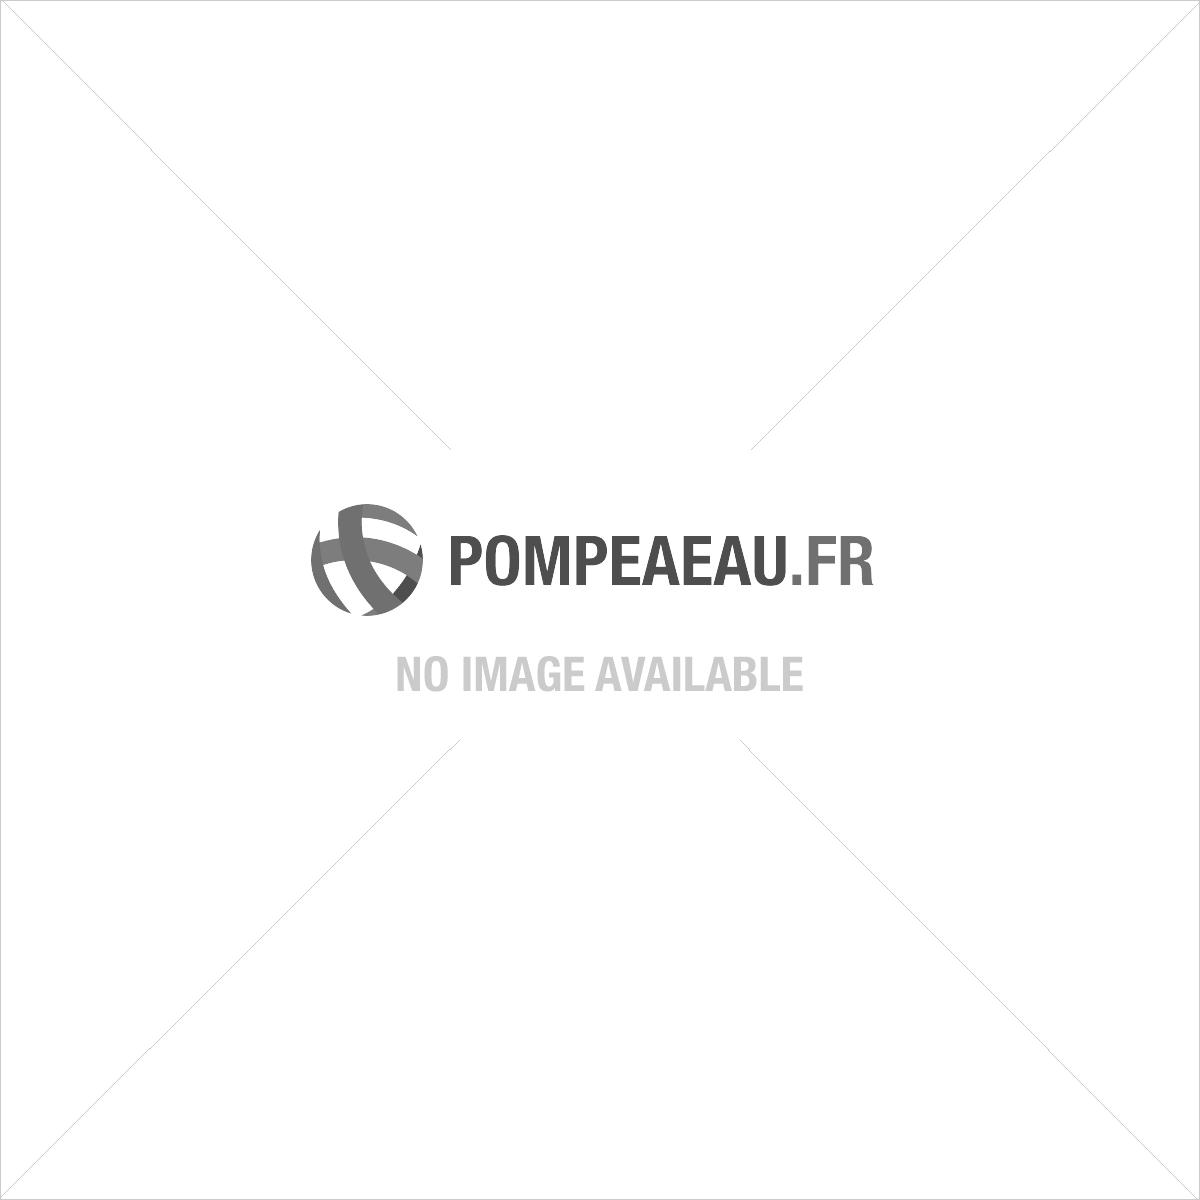 DAB S4 8/9 M KIT AD Plus M/M 1.5 Pompe de forage automatique